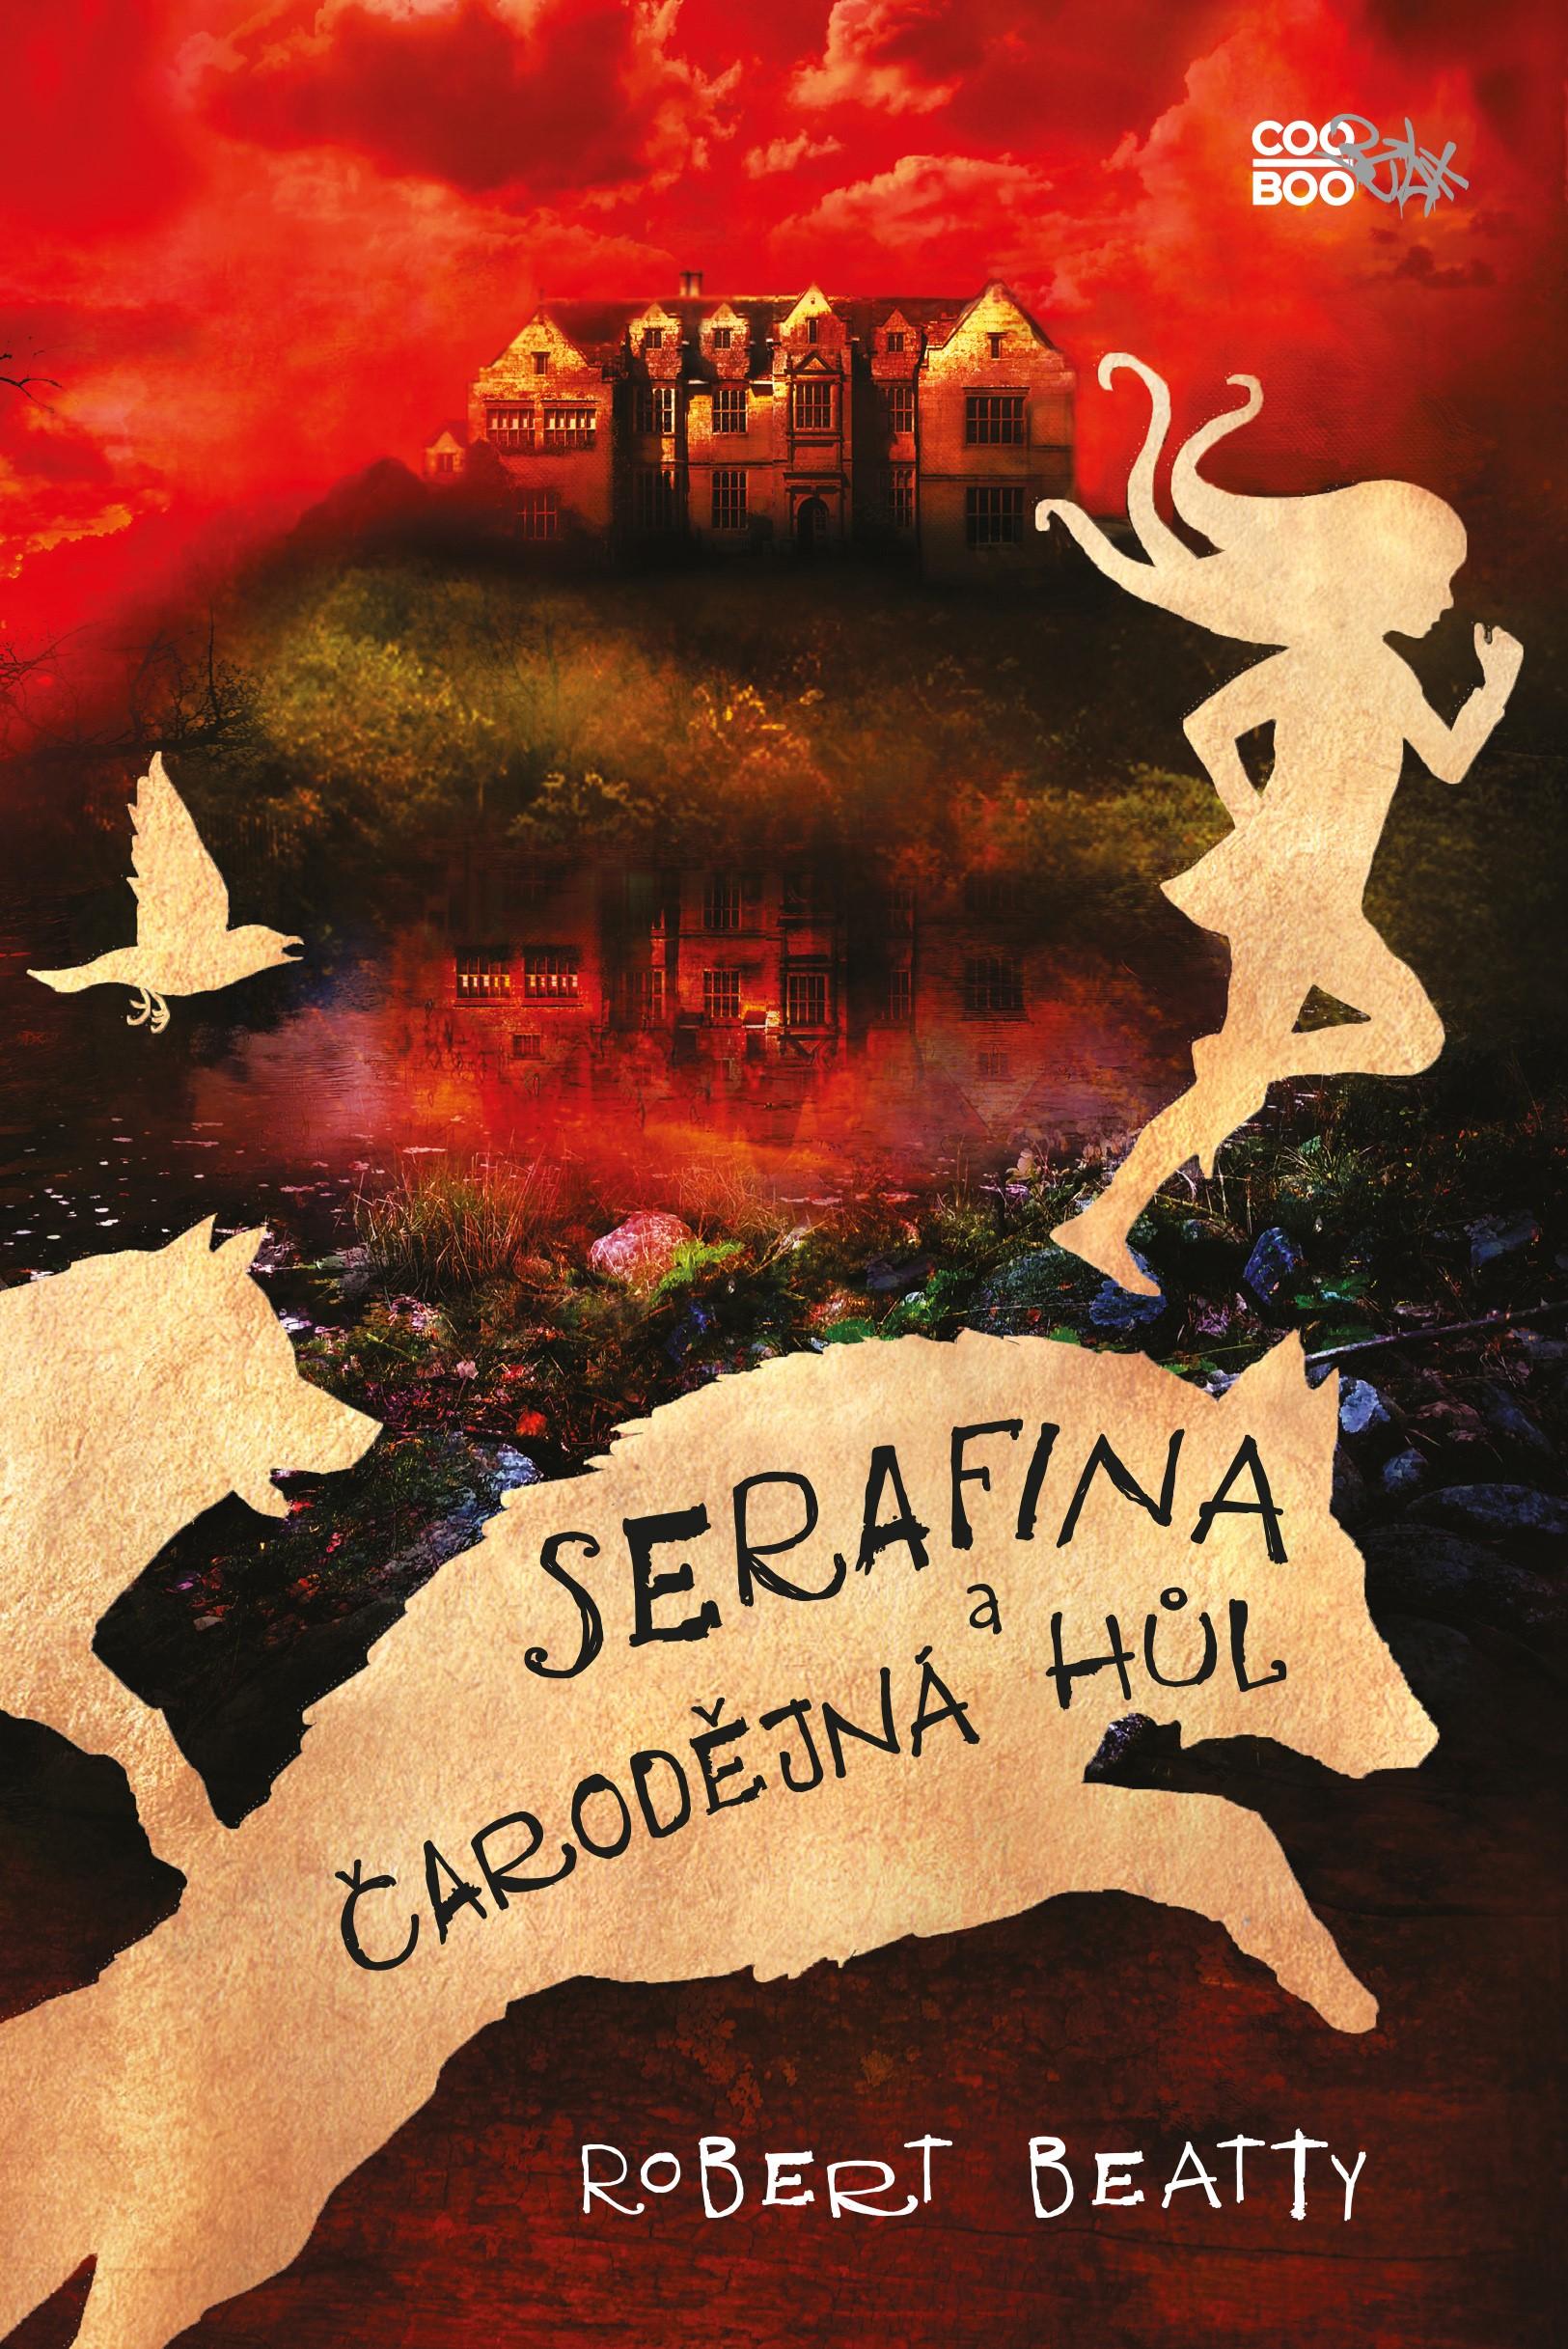 Serafina a čarodějná hůl | Robert Beatty